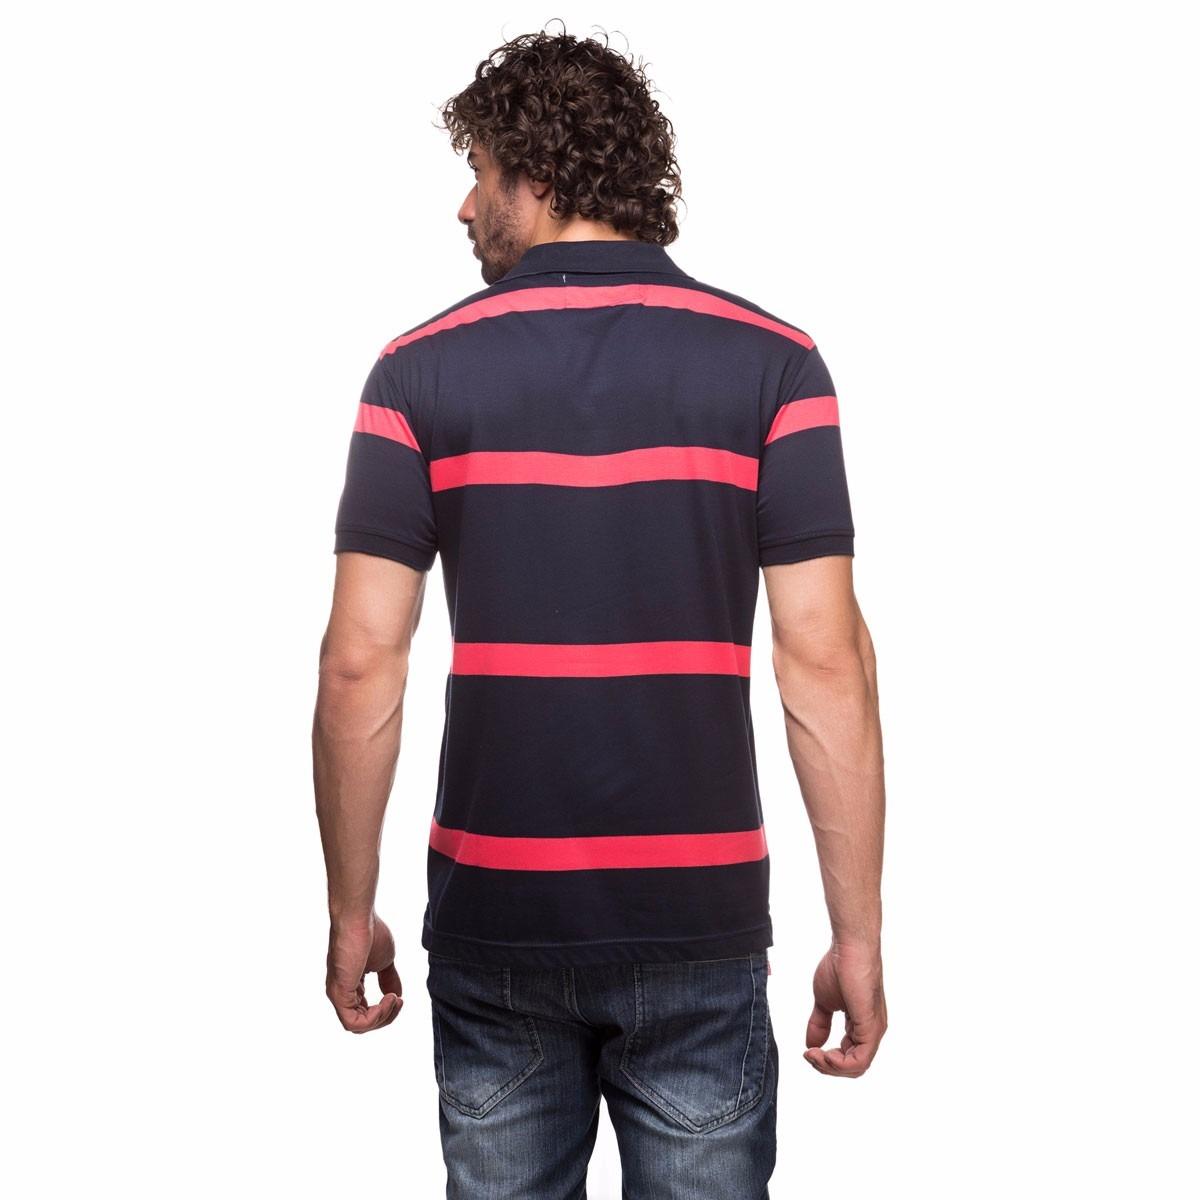 52573e2547 camisa polo masculina azul e rosa em atacado gola polo. Carregando zoom.